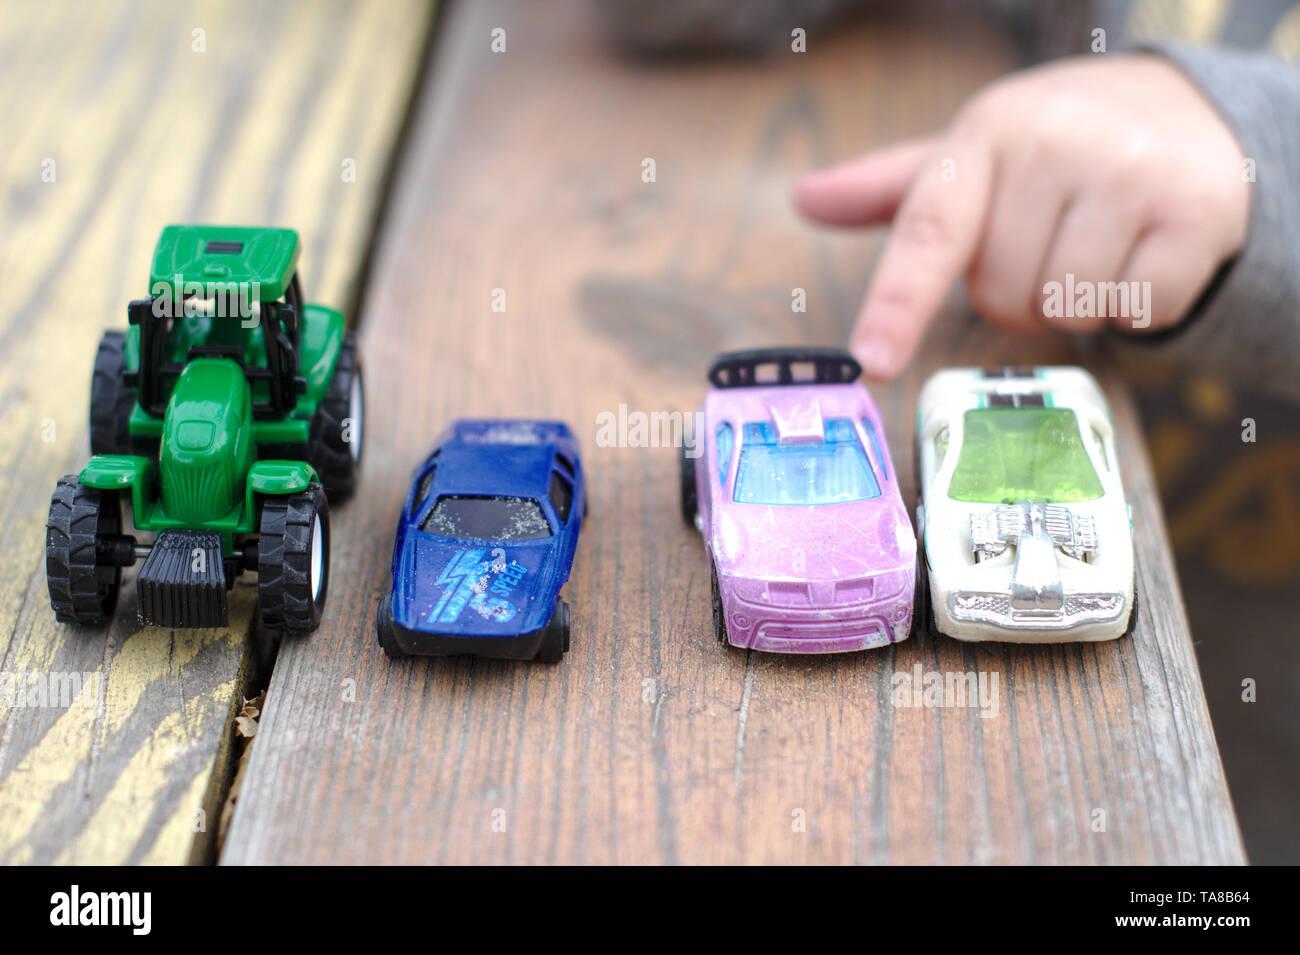 On Car Stockamp; Toy Fotos De Table Imágenes PkuiXZ